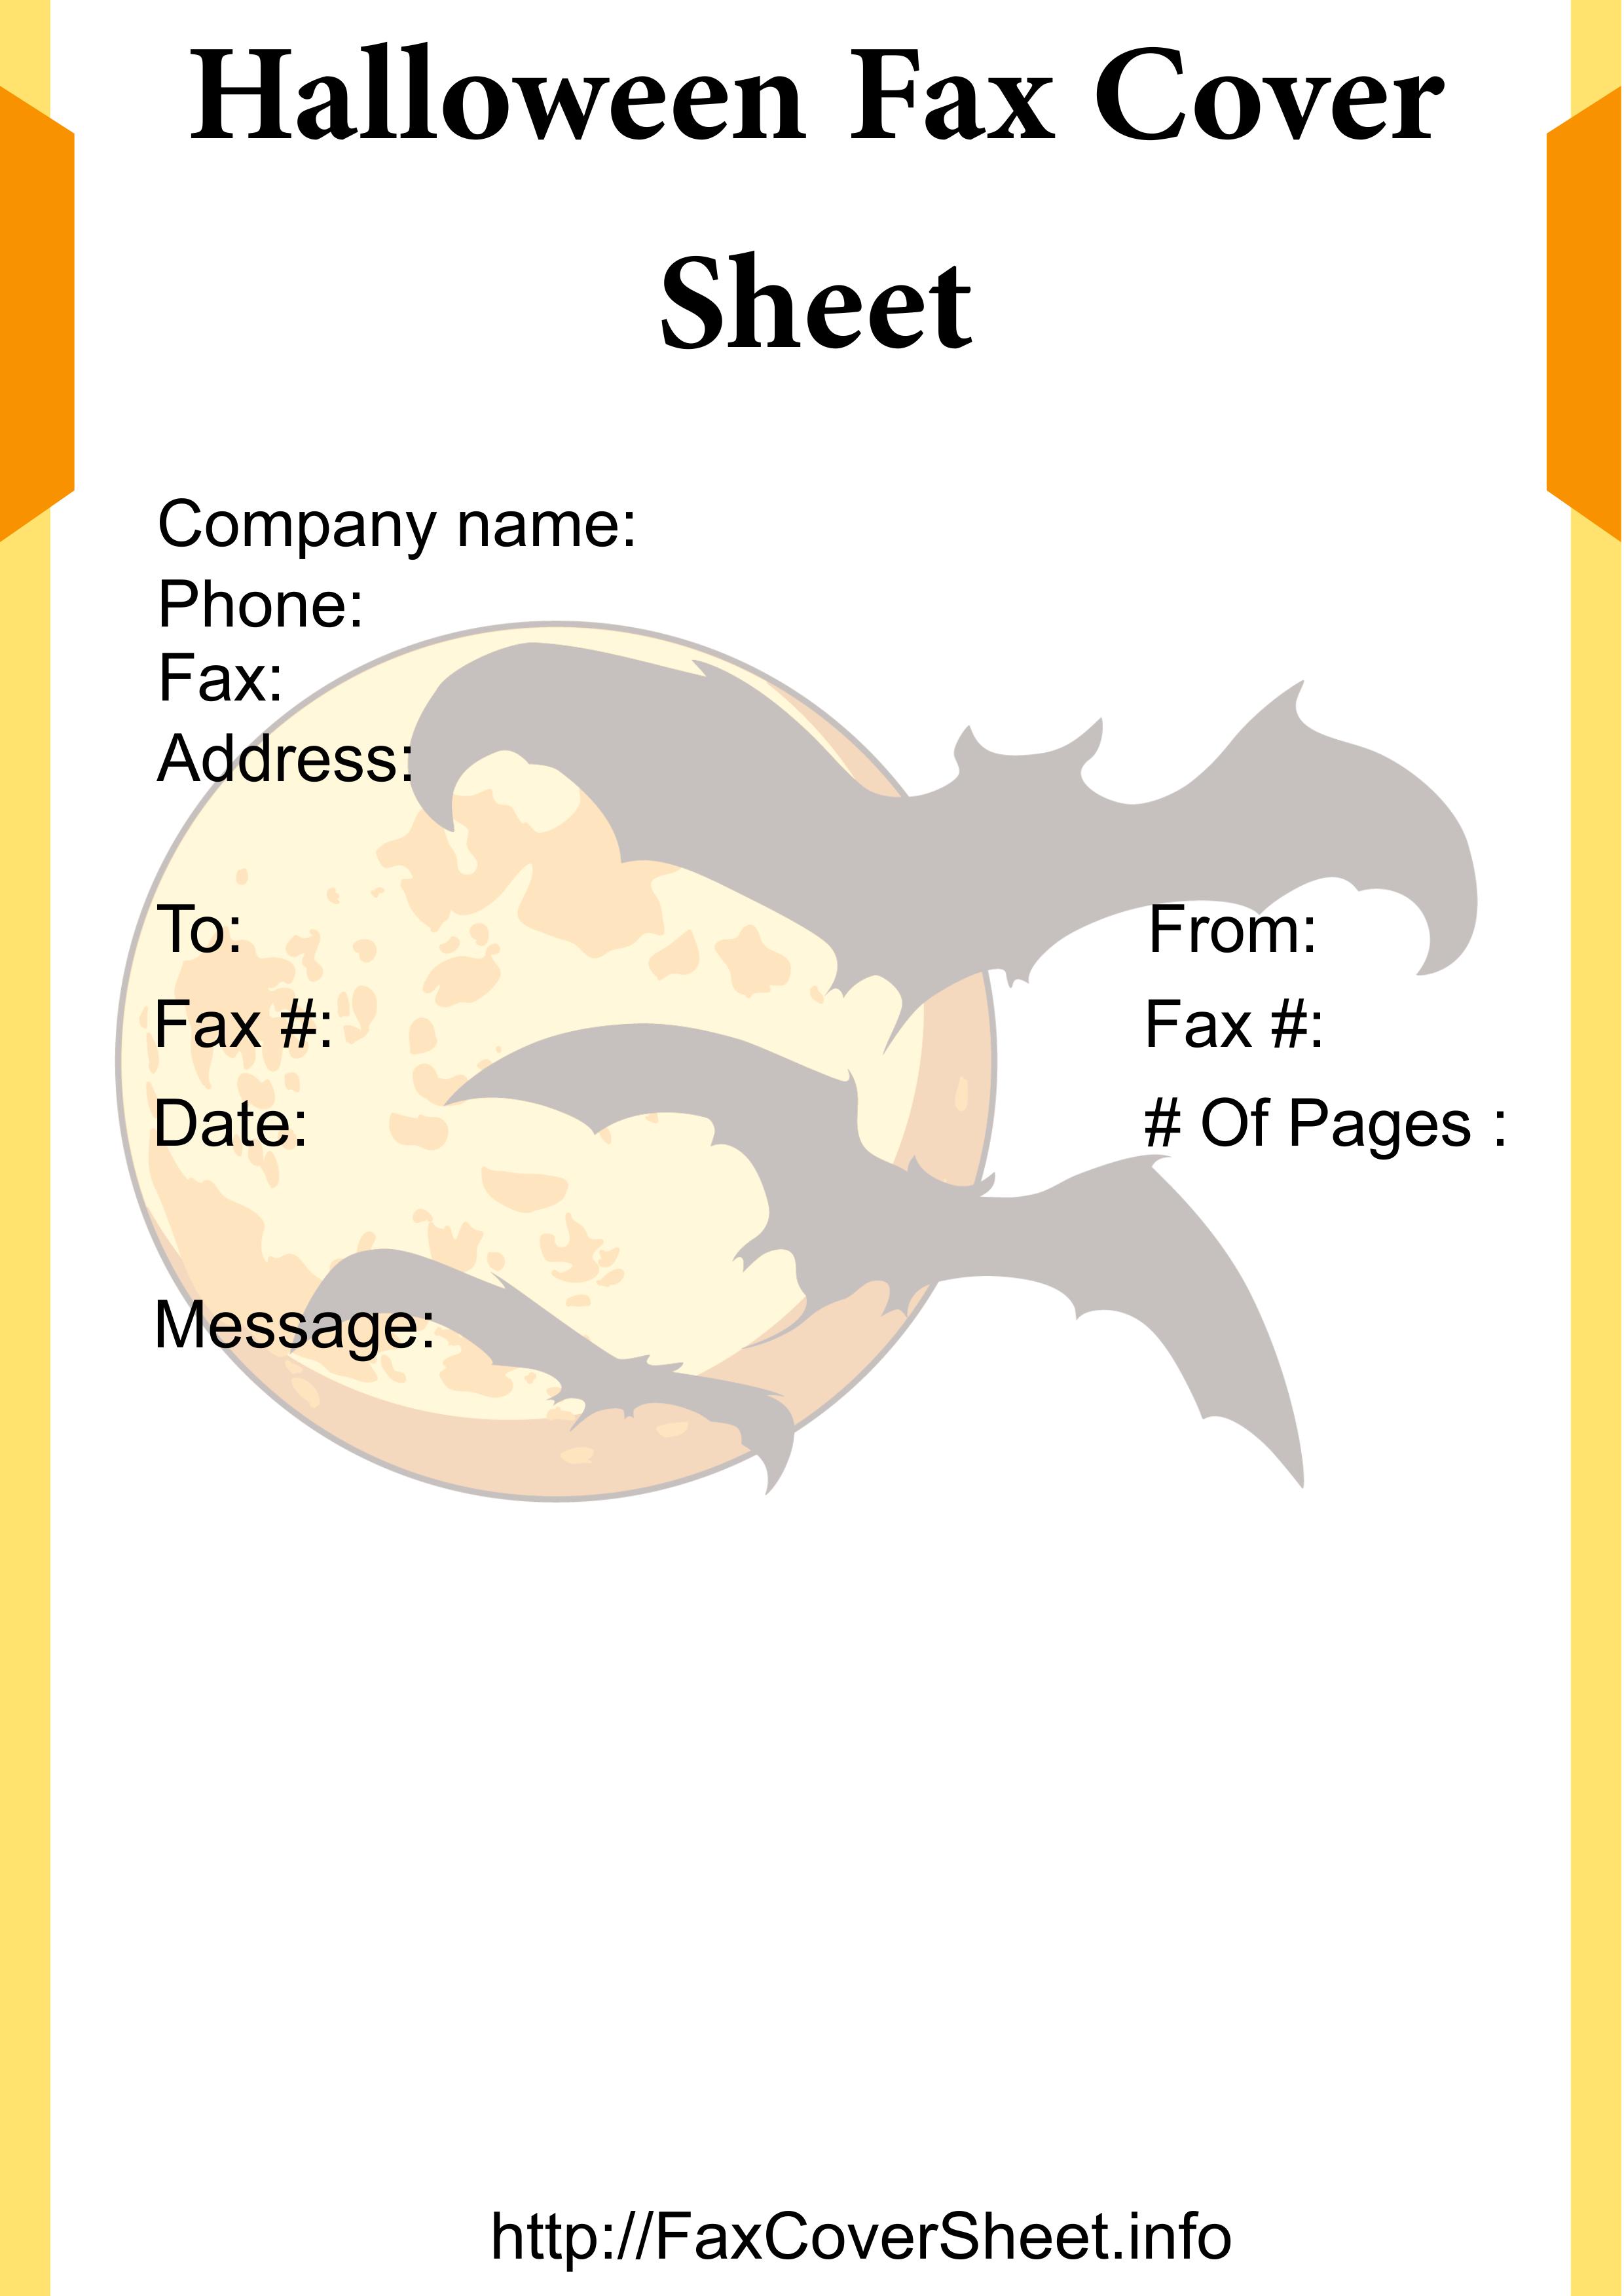 Halloween Fax Cover Sheet Template